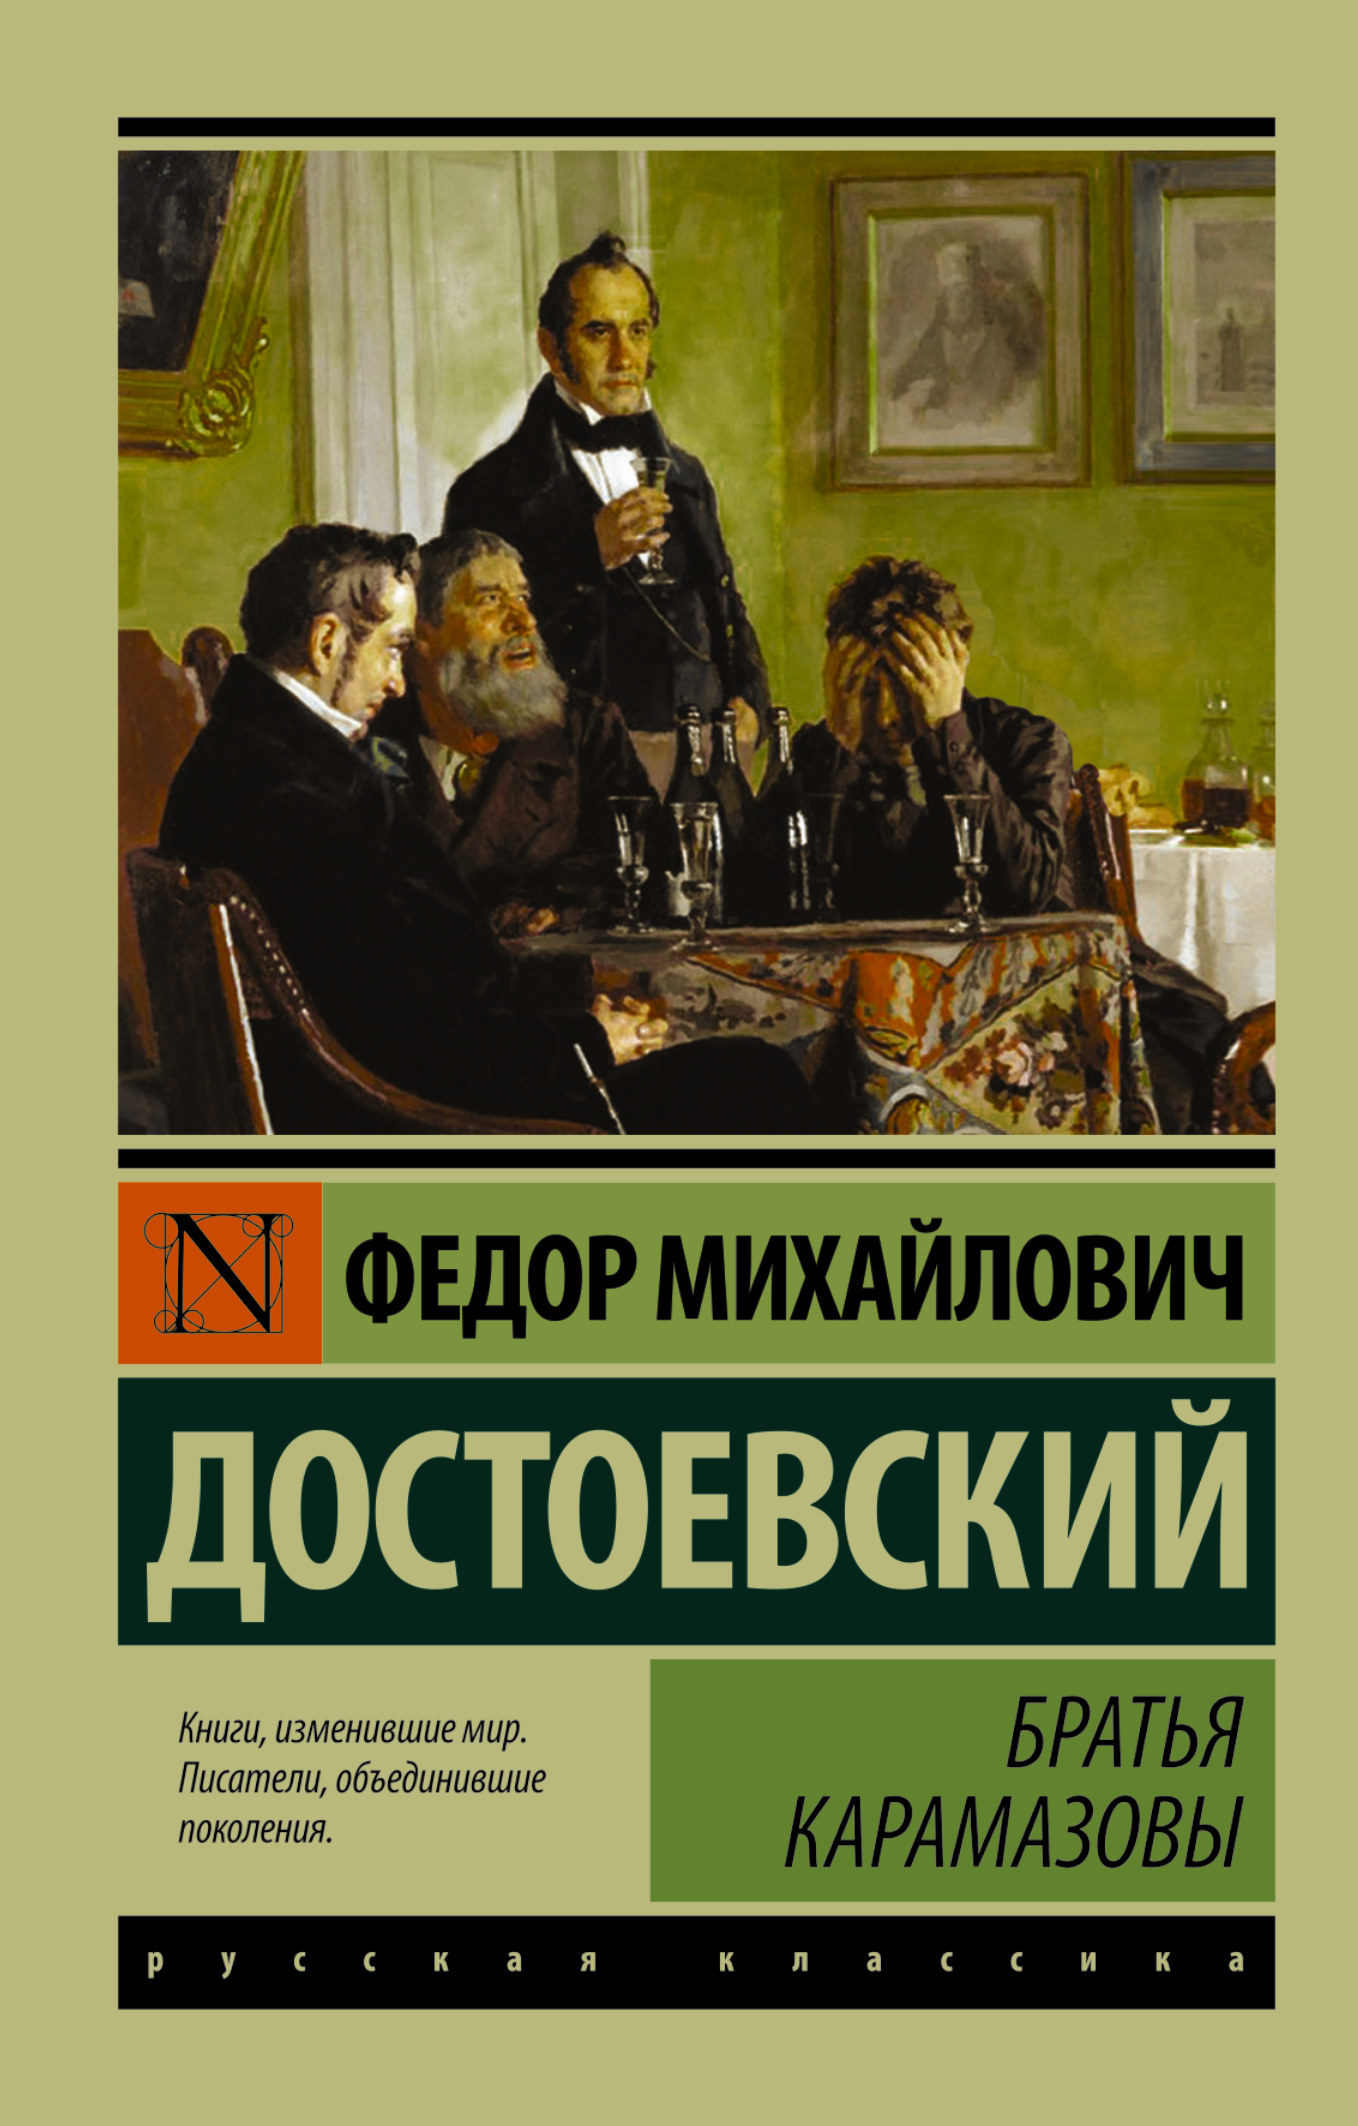 «Книги От Астрель Серии Русская Классика» / 2013